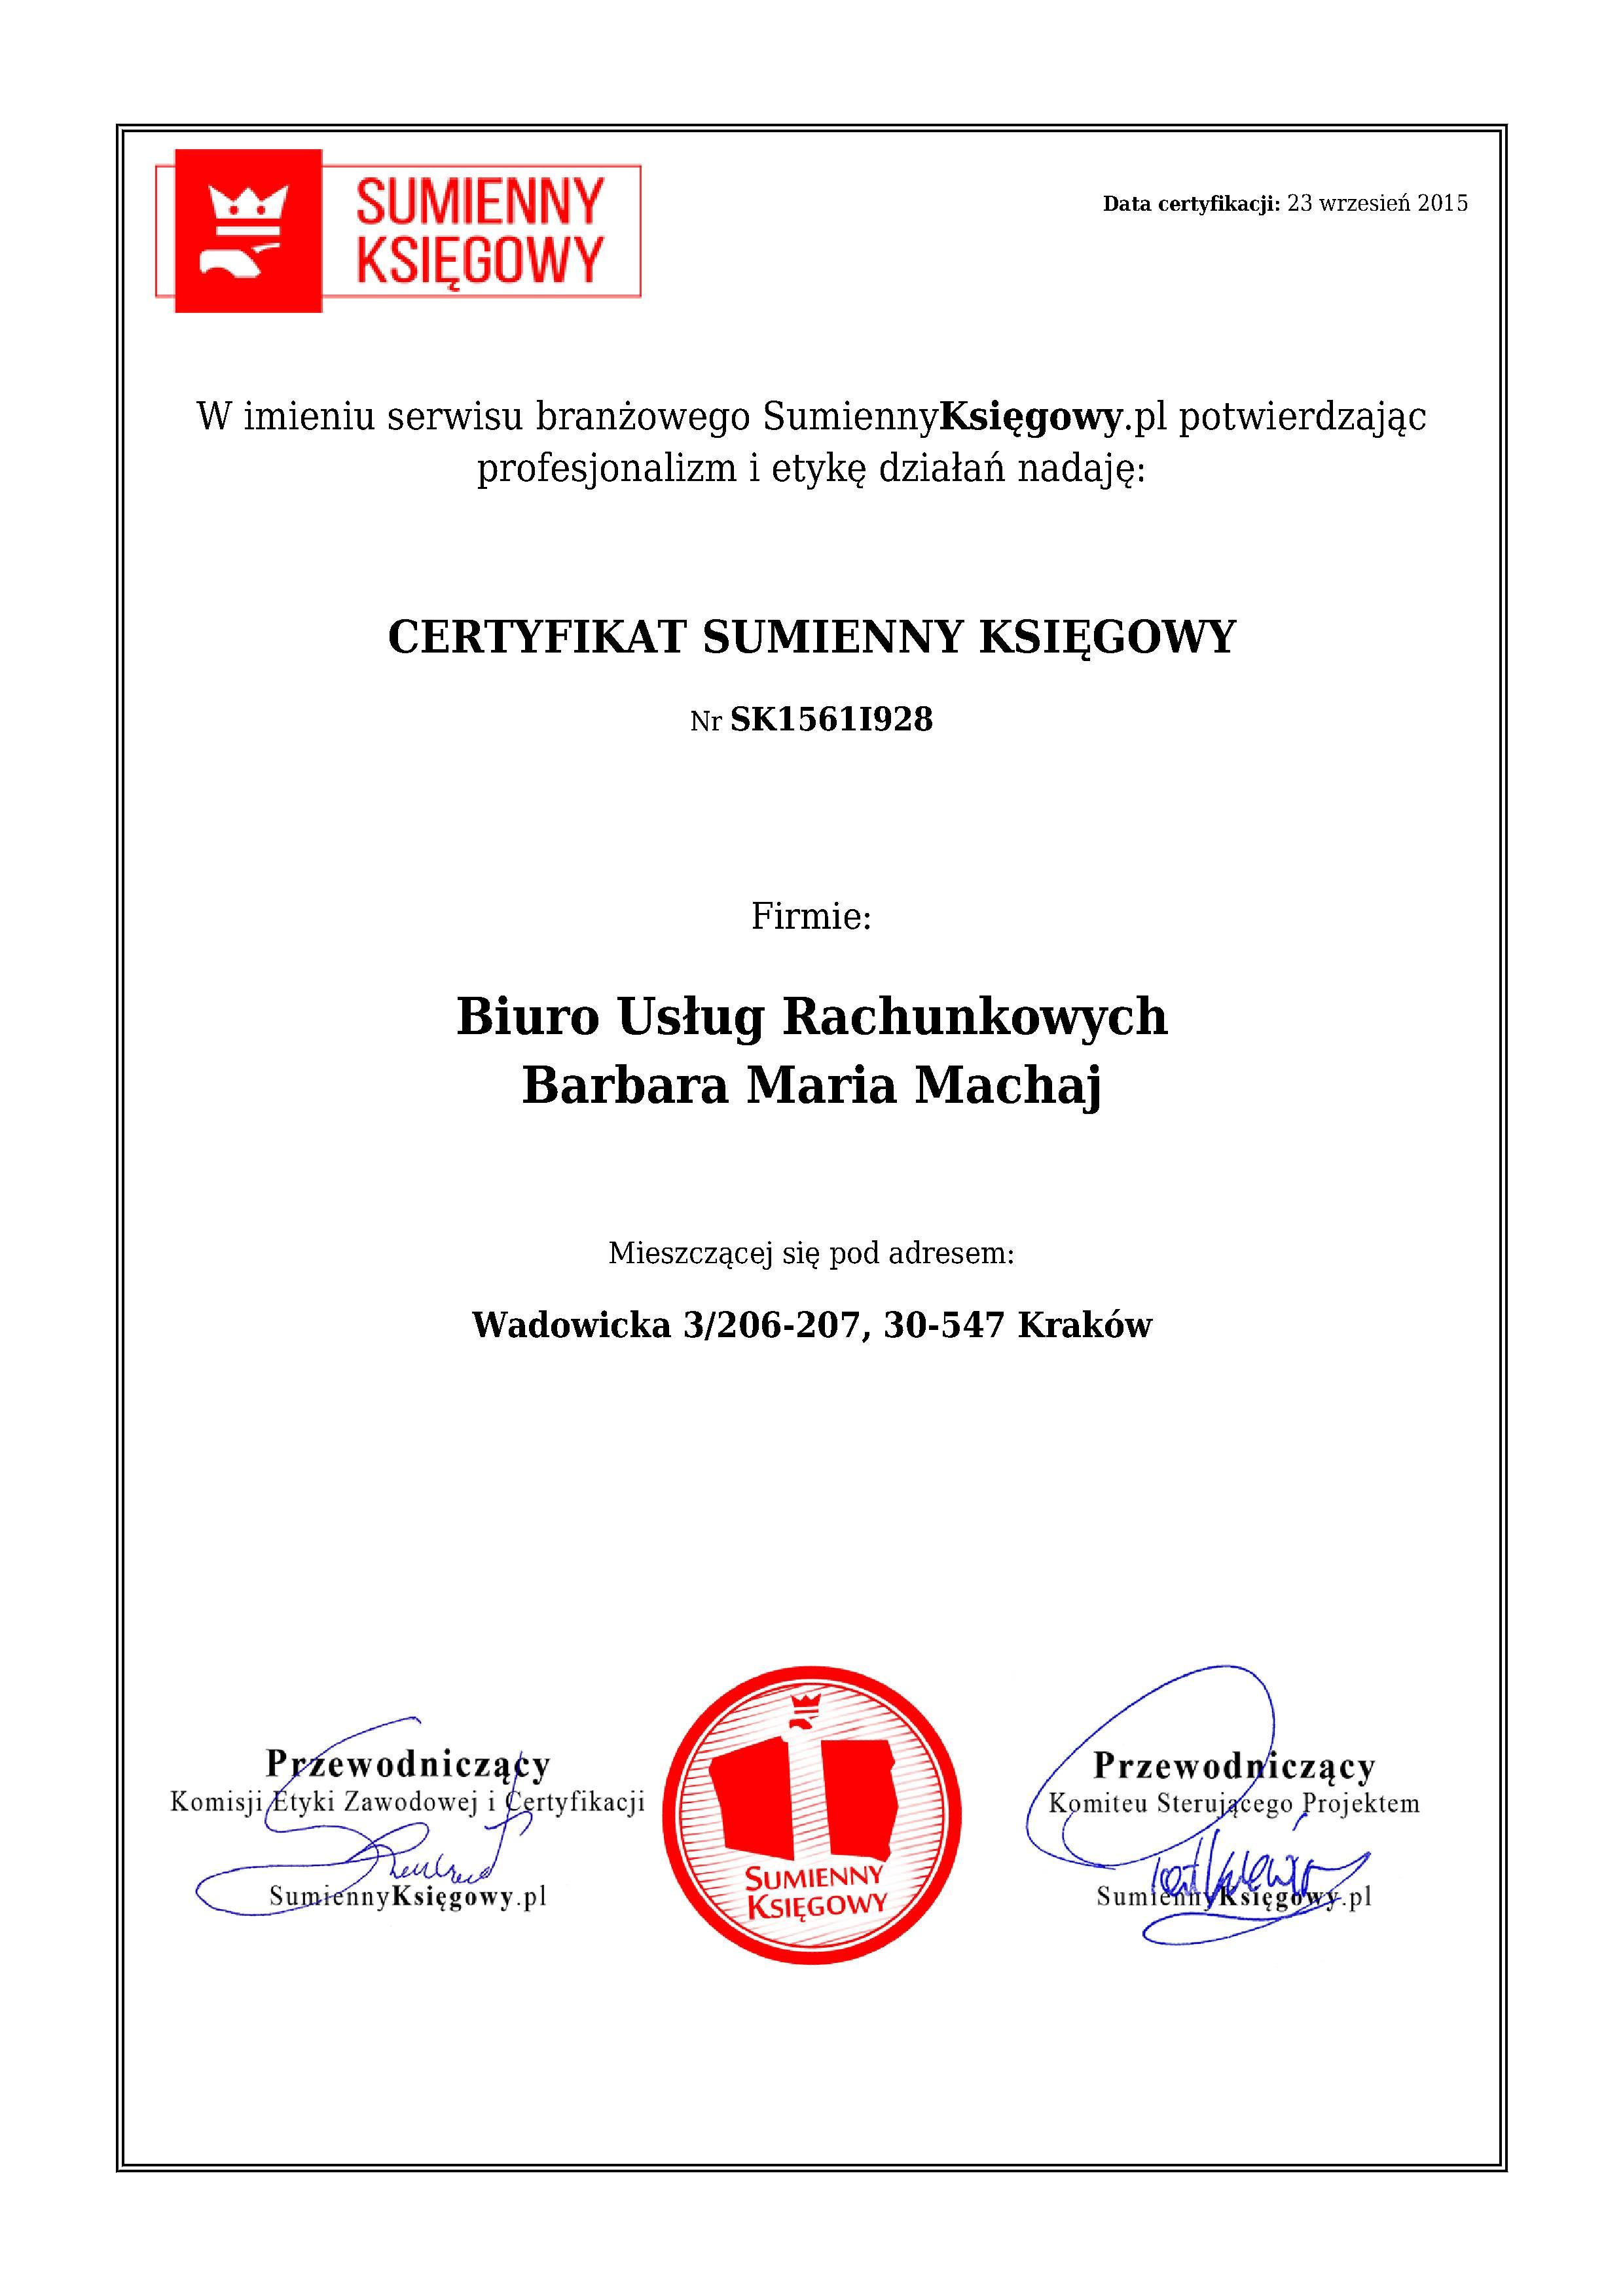 Certyfikat Biuro Usług Rachunkowych Barbara Maria Machaj